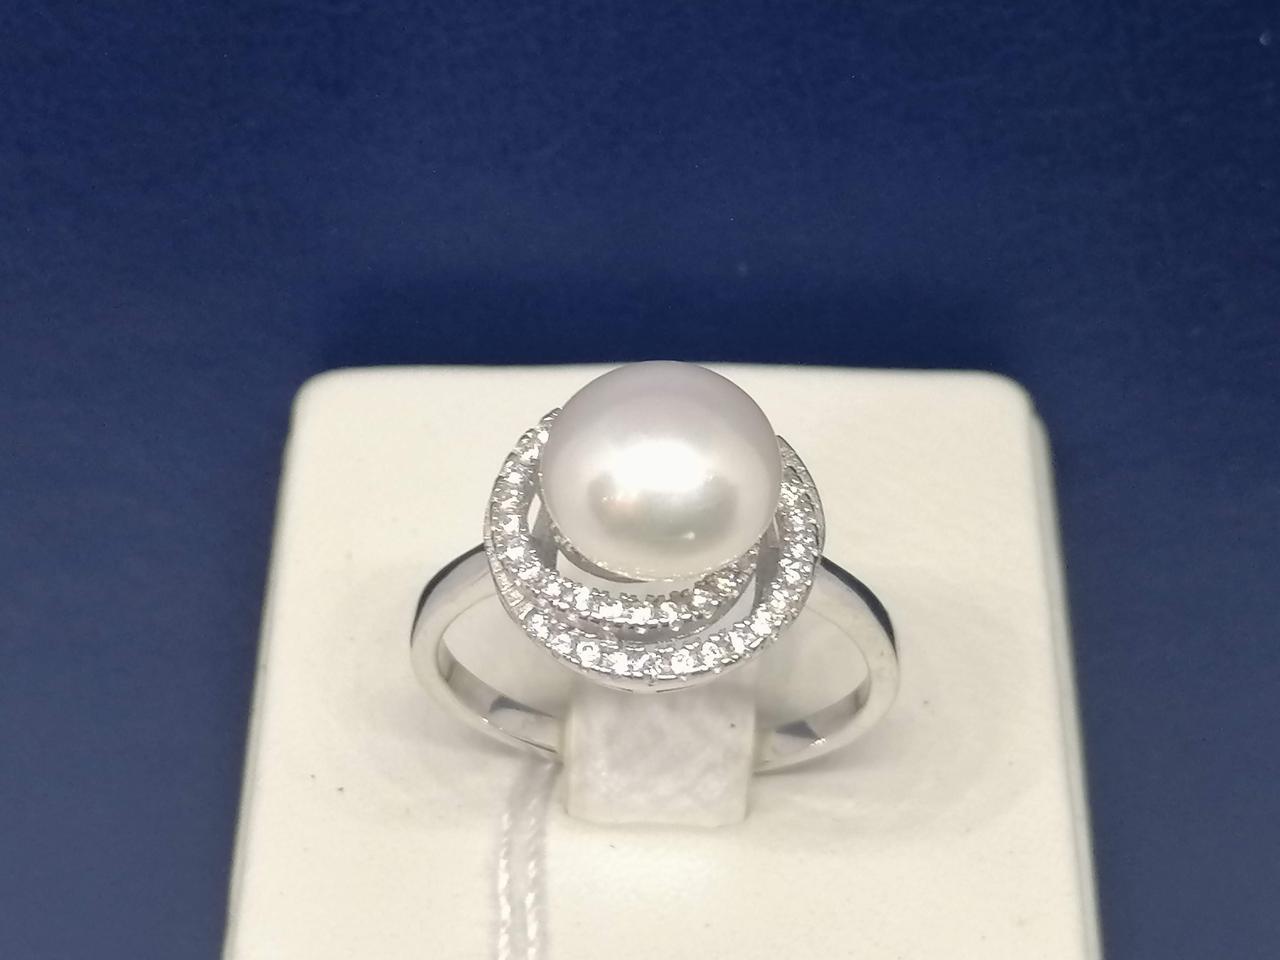 Срібне кільце з перлами і фіанітами. Артикул А14180 18,5